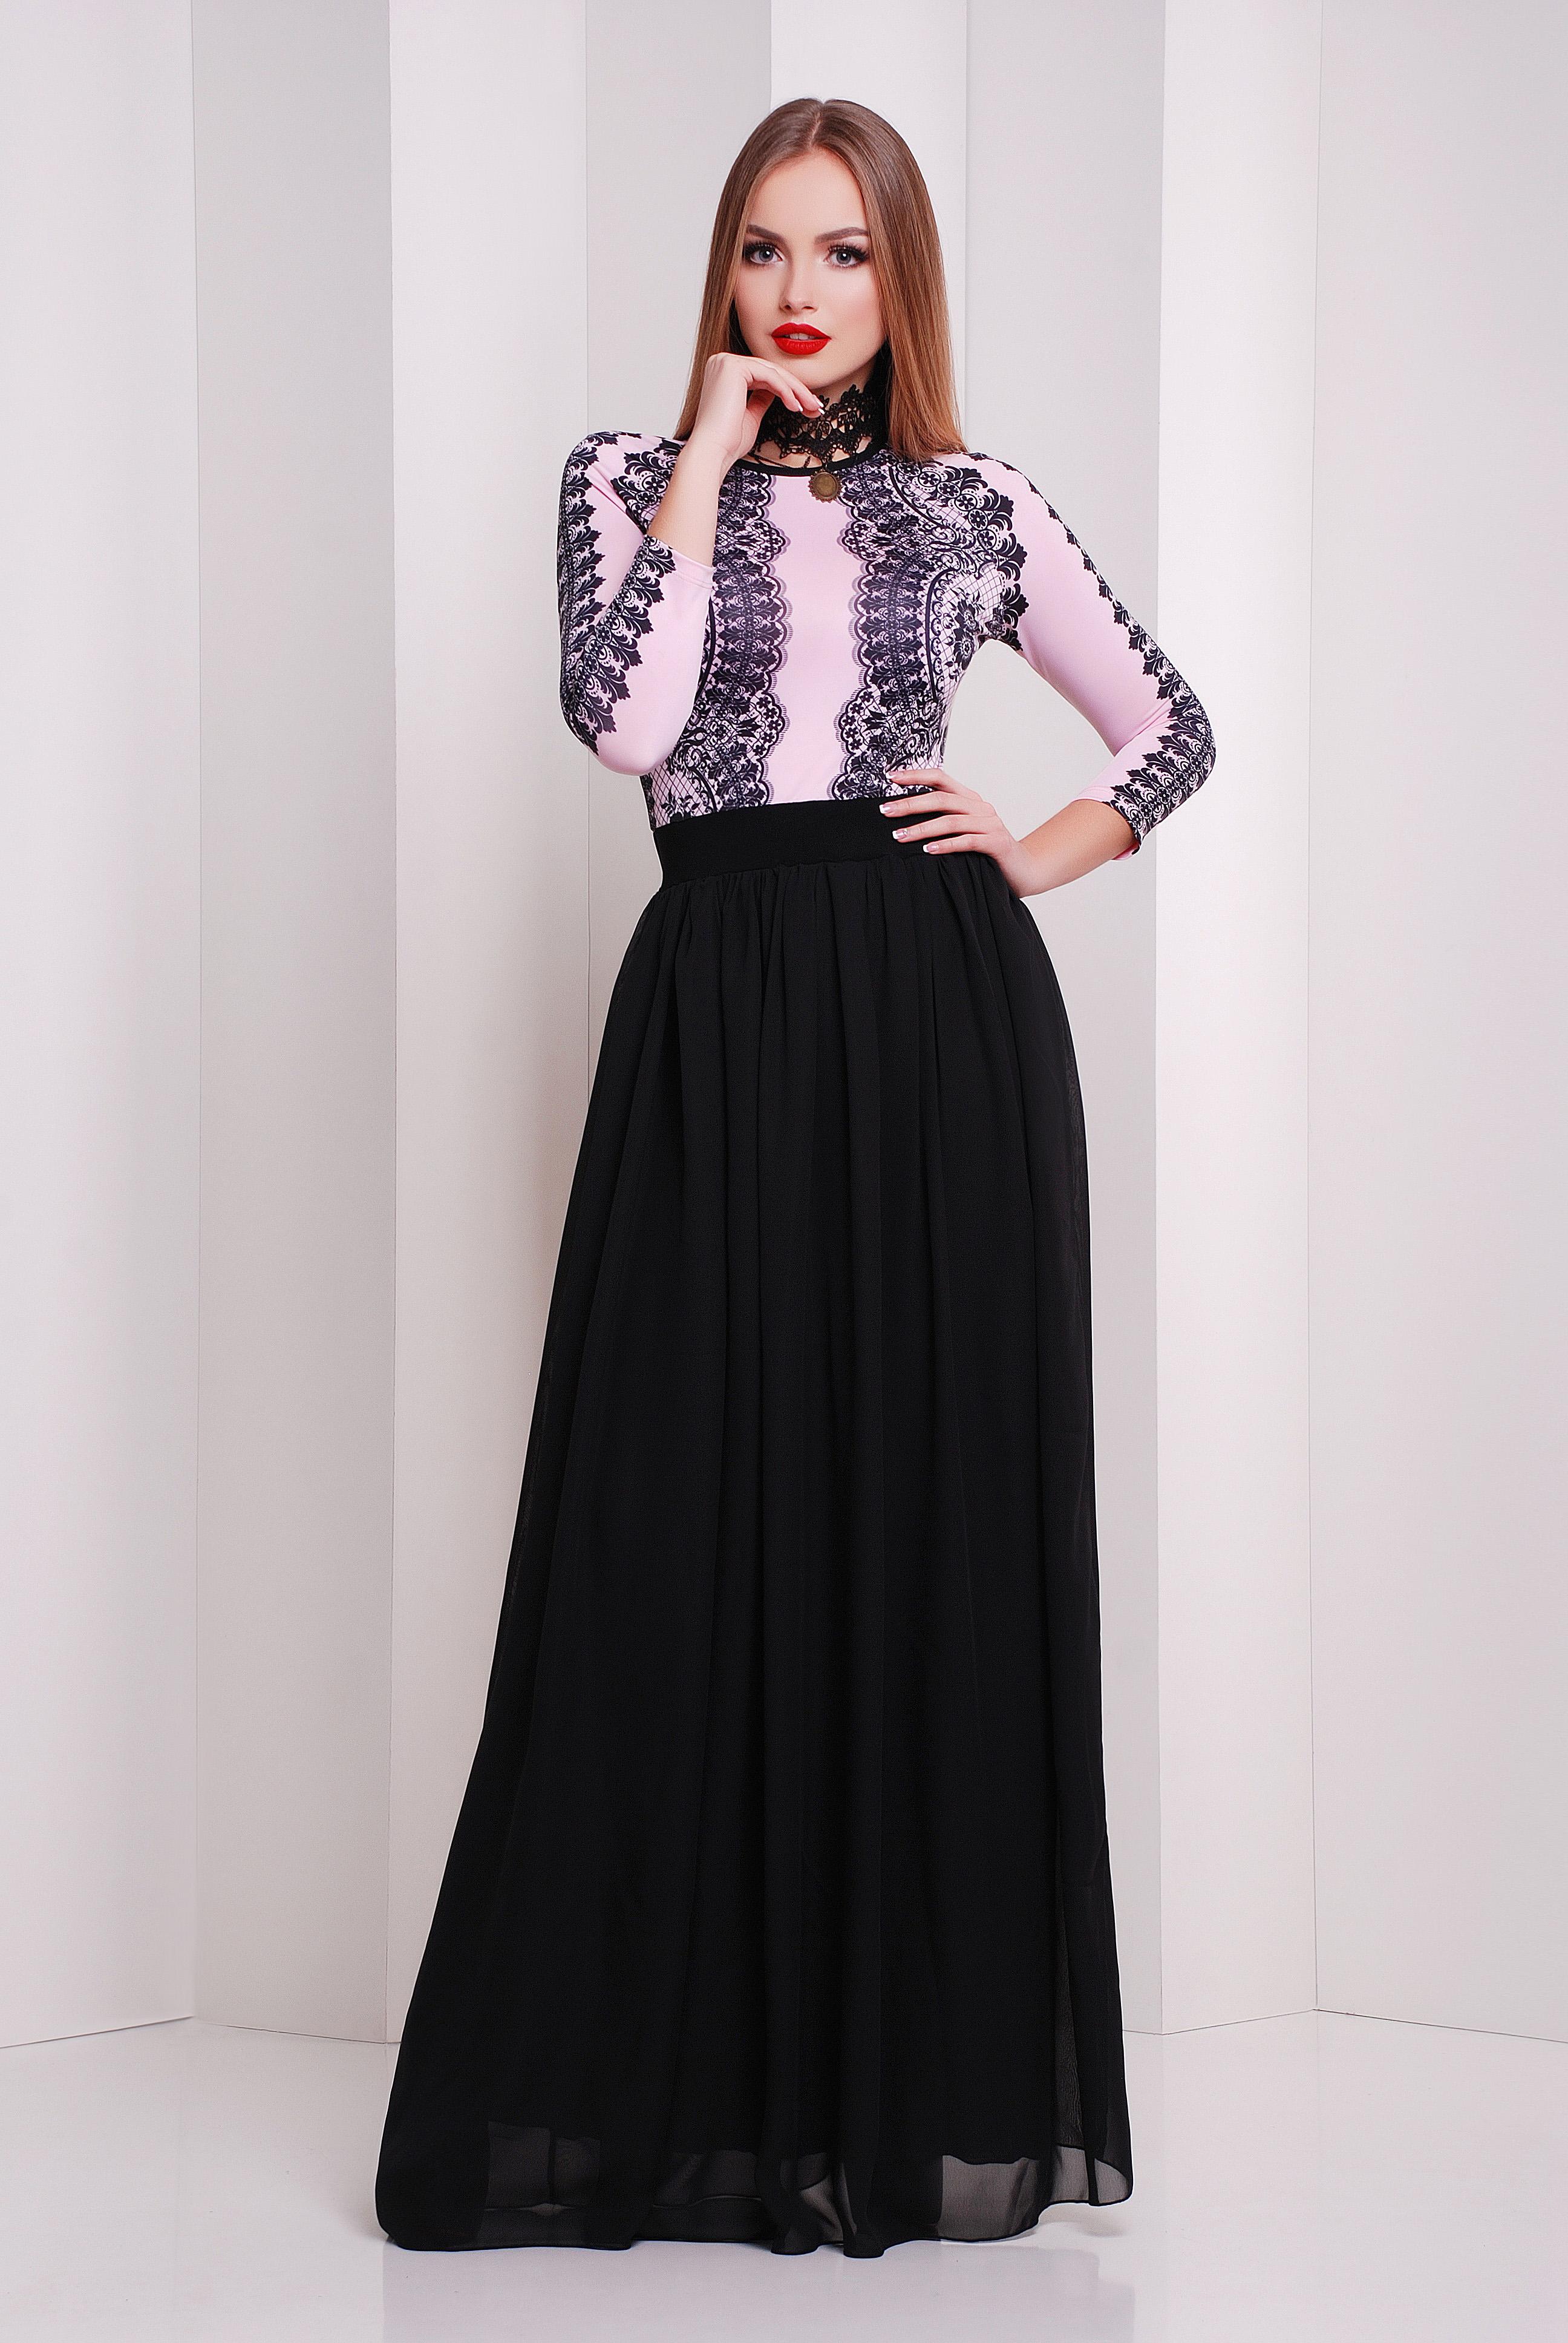 3afbe2dd81b Купить Кружево черное платье в Украине. Сравнить цены на Кружево ...